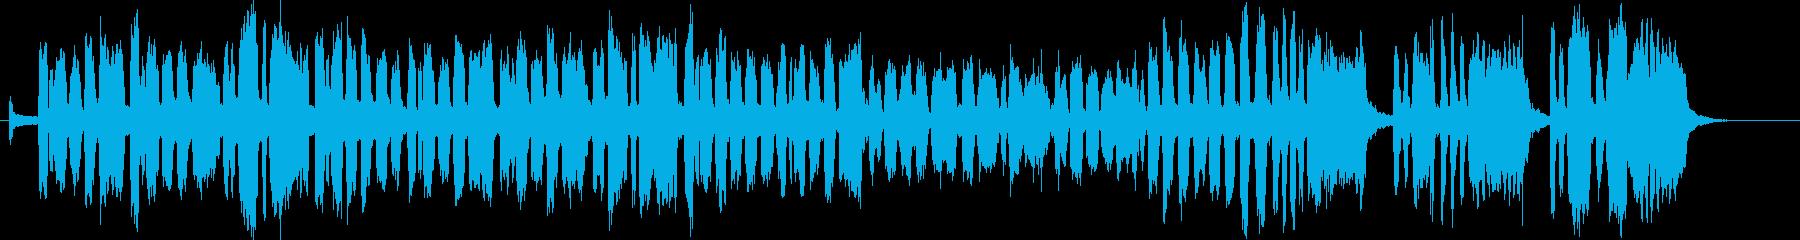 アメリカ国歌 「星条旗」 ブラスバンドの再生済みの波形